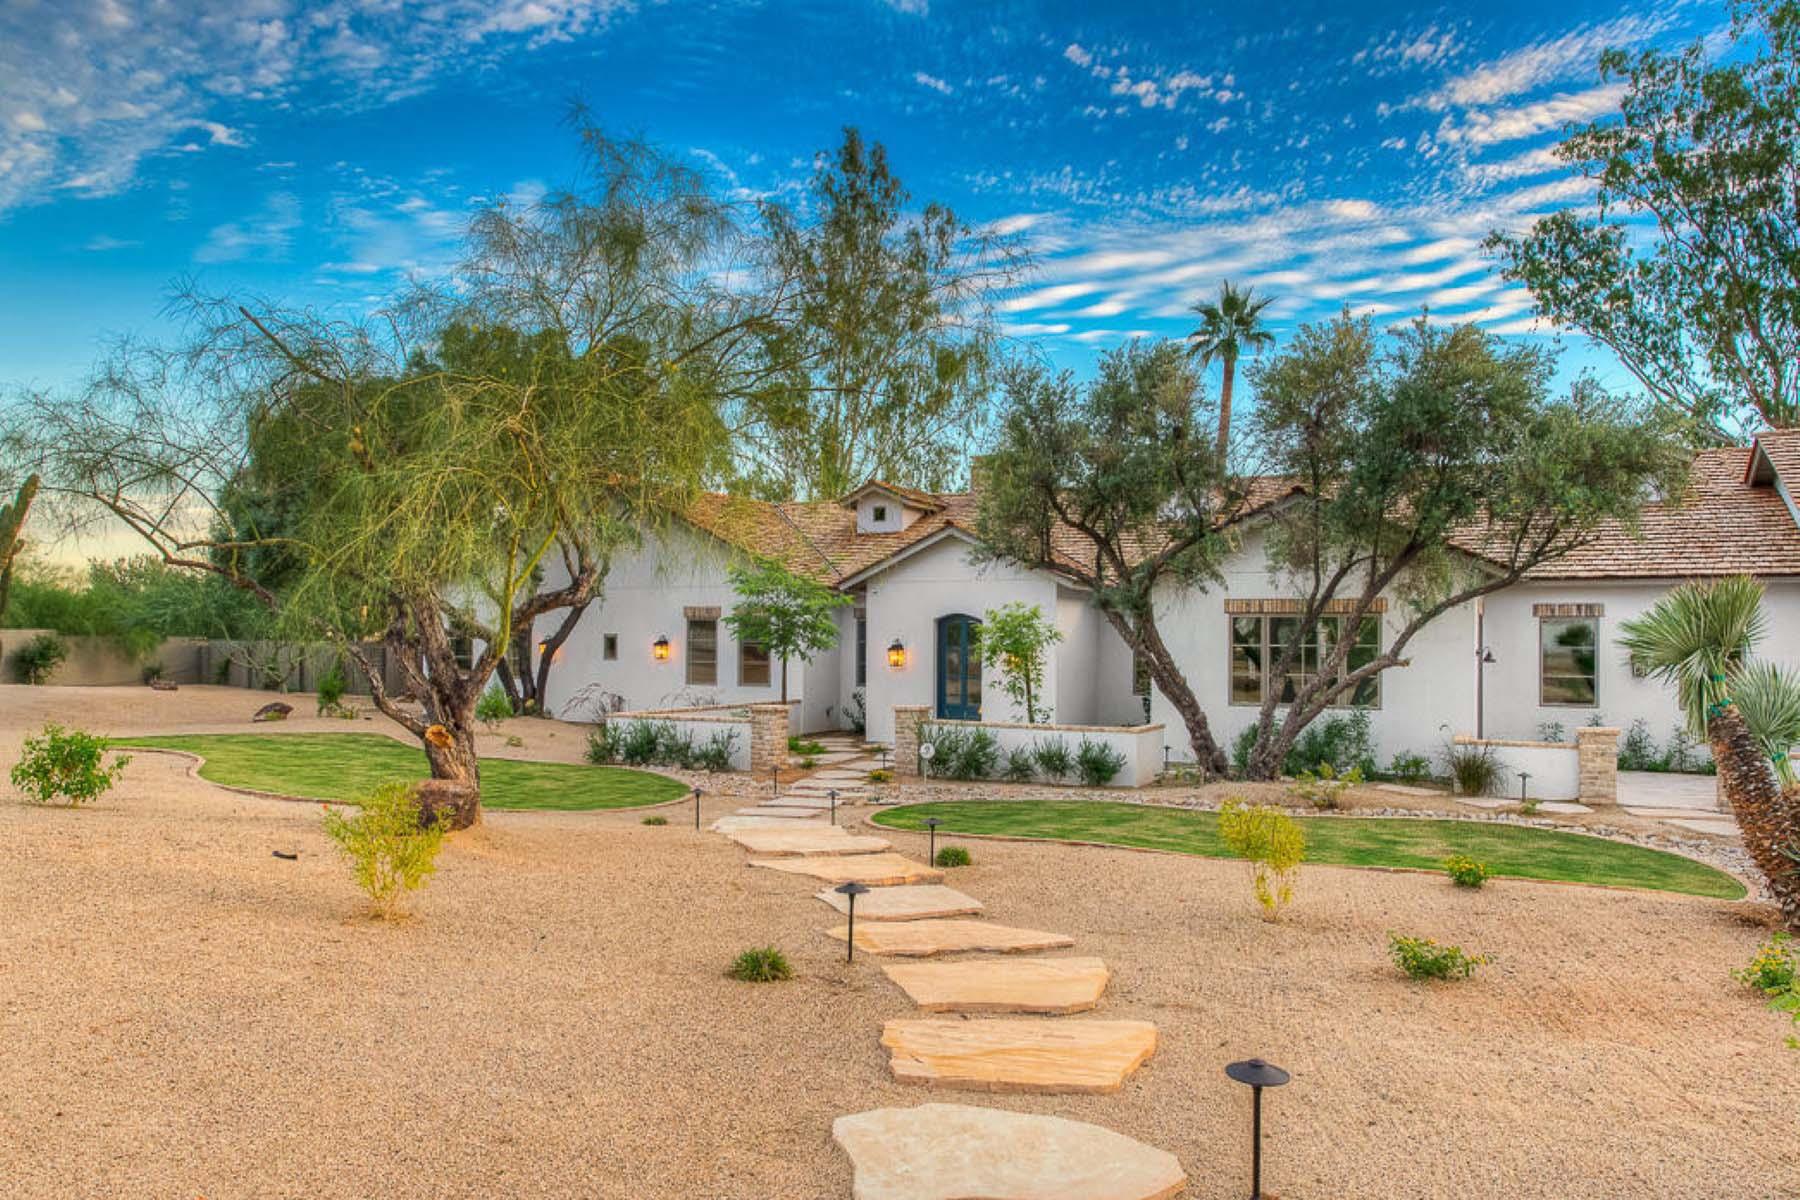 Nhà ở một gia đình vì Bán tại A stunning new build by Two Hawks Designs. 3233 E SAN MIGUEL PL Paradise Valley, Arizona 85253 Hoa Kỳ